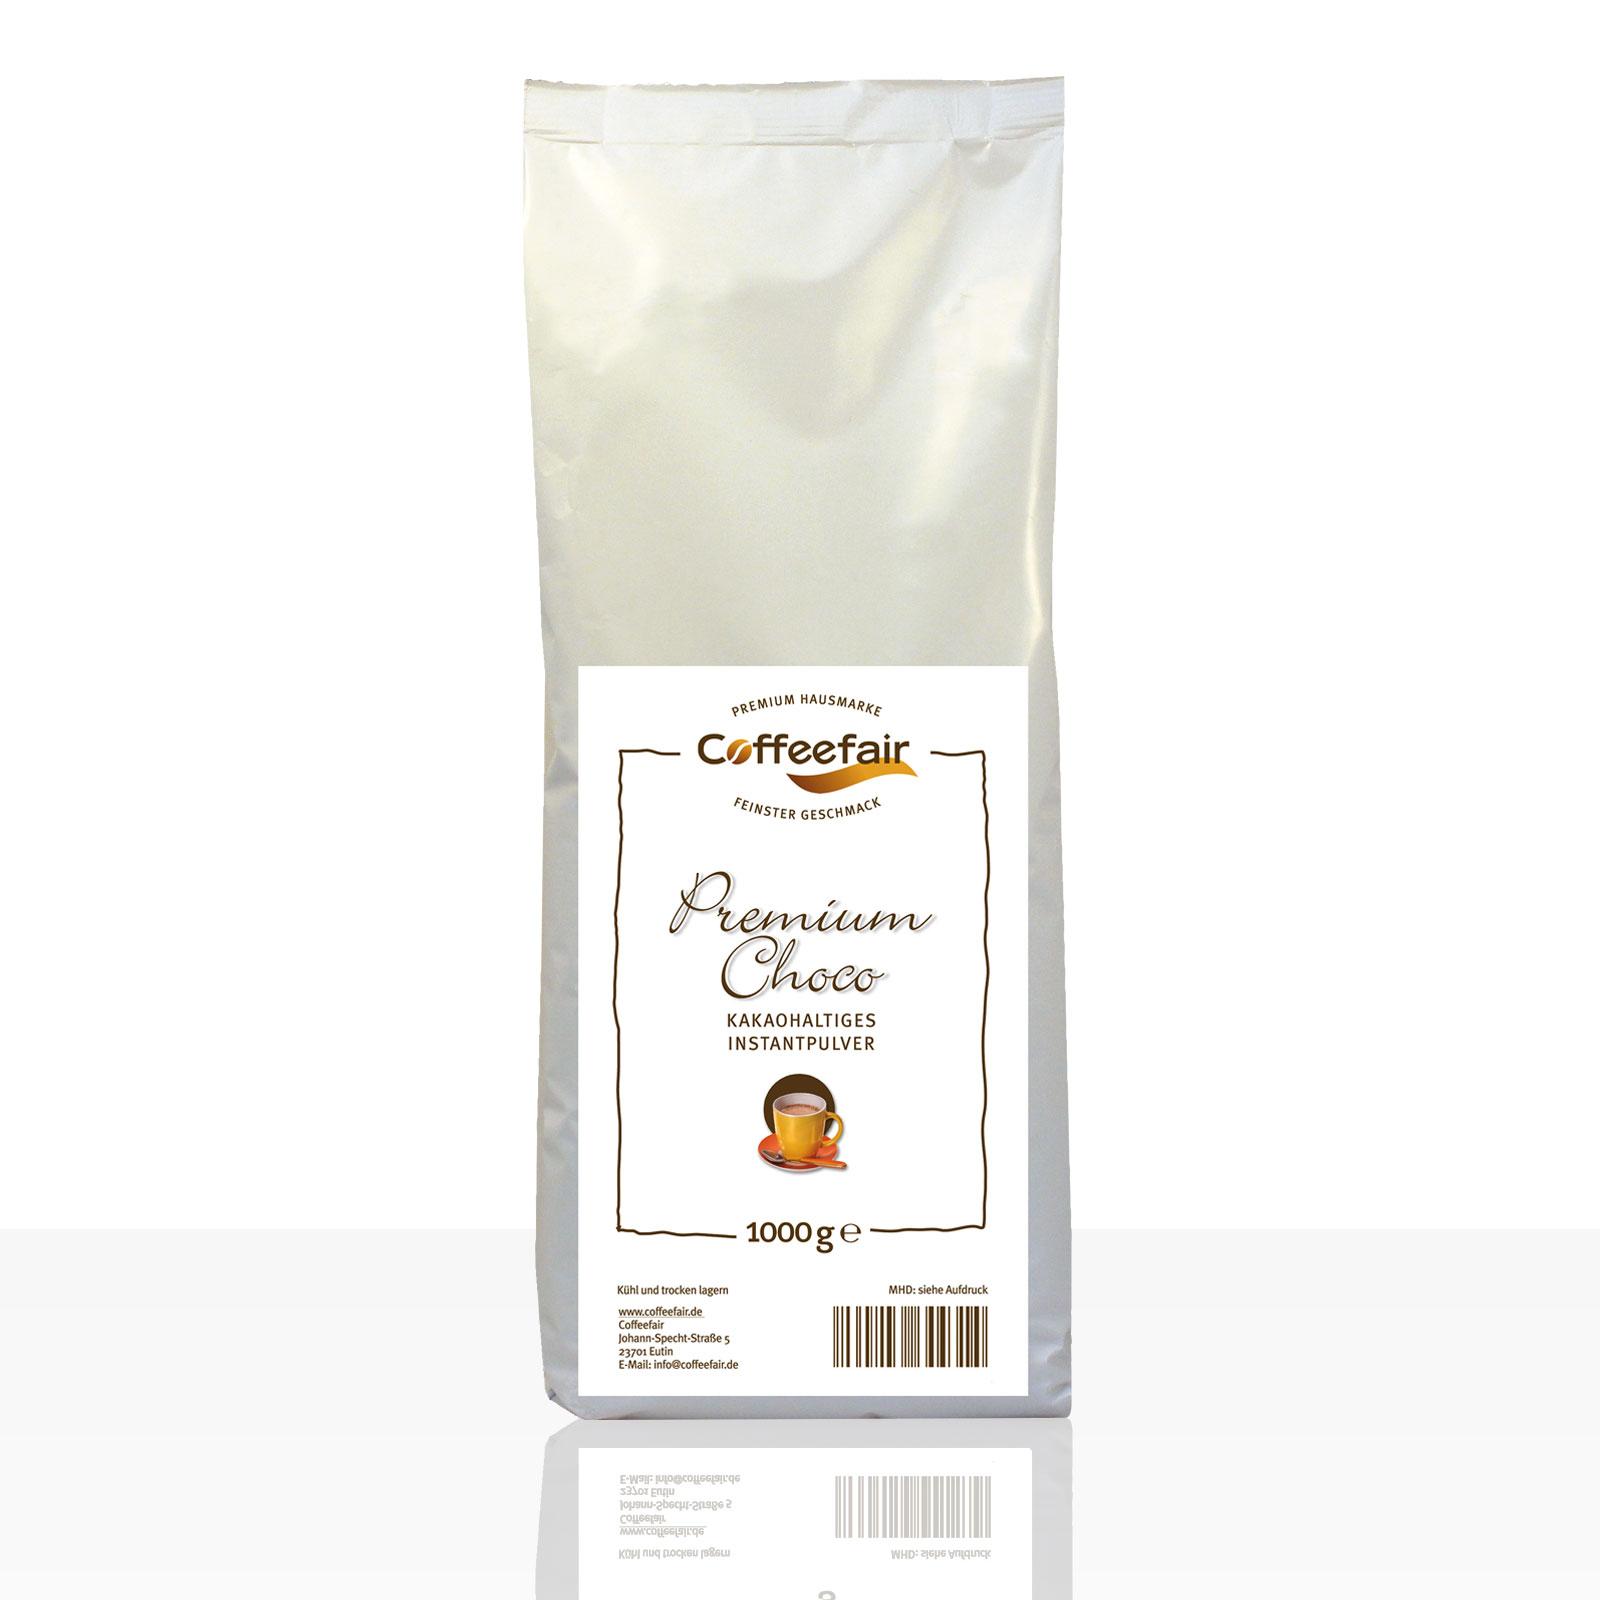 Coffeefair Premium Choco